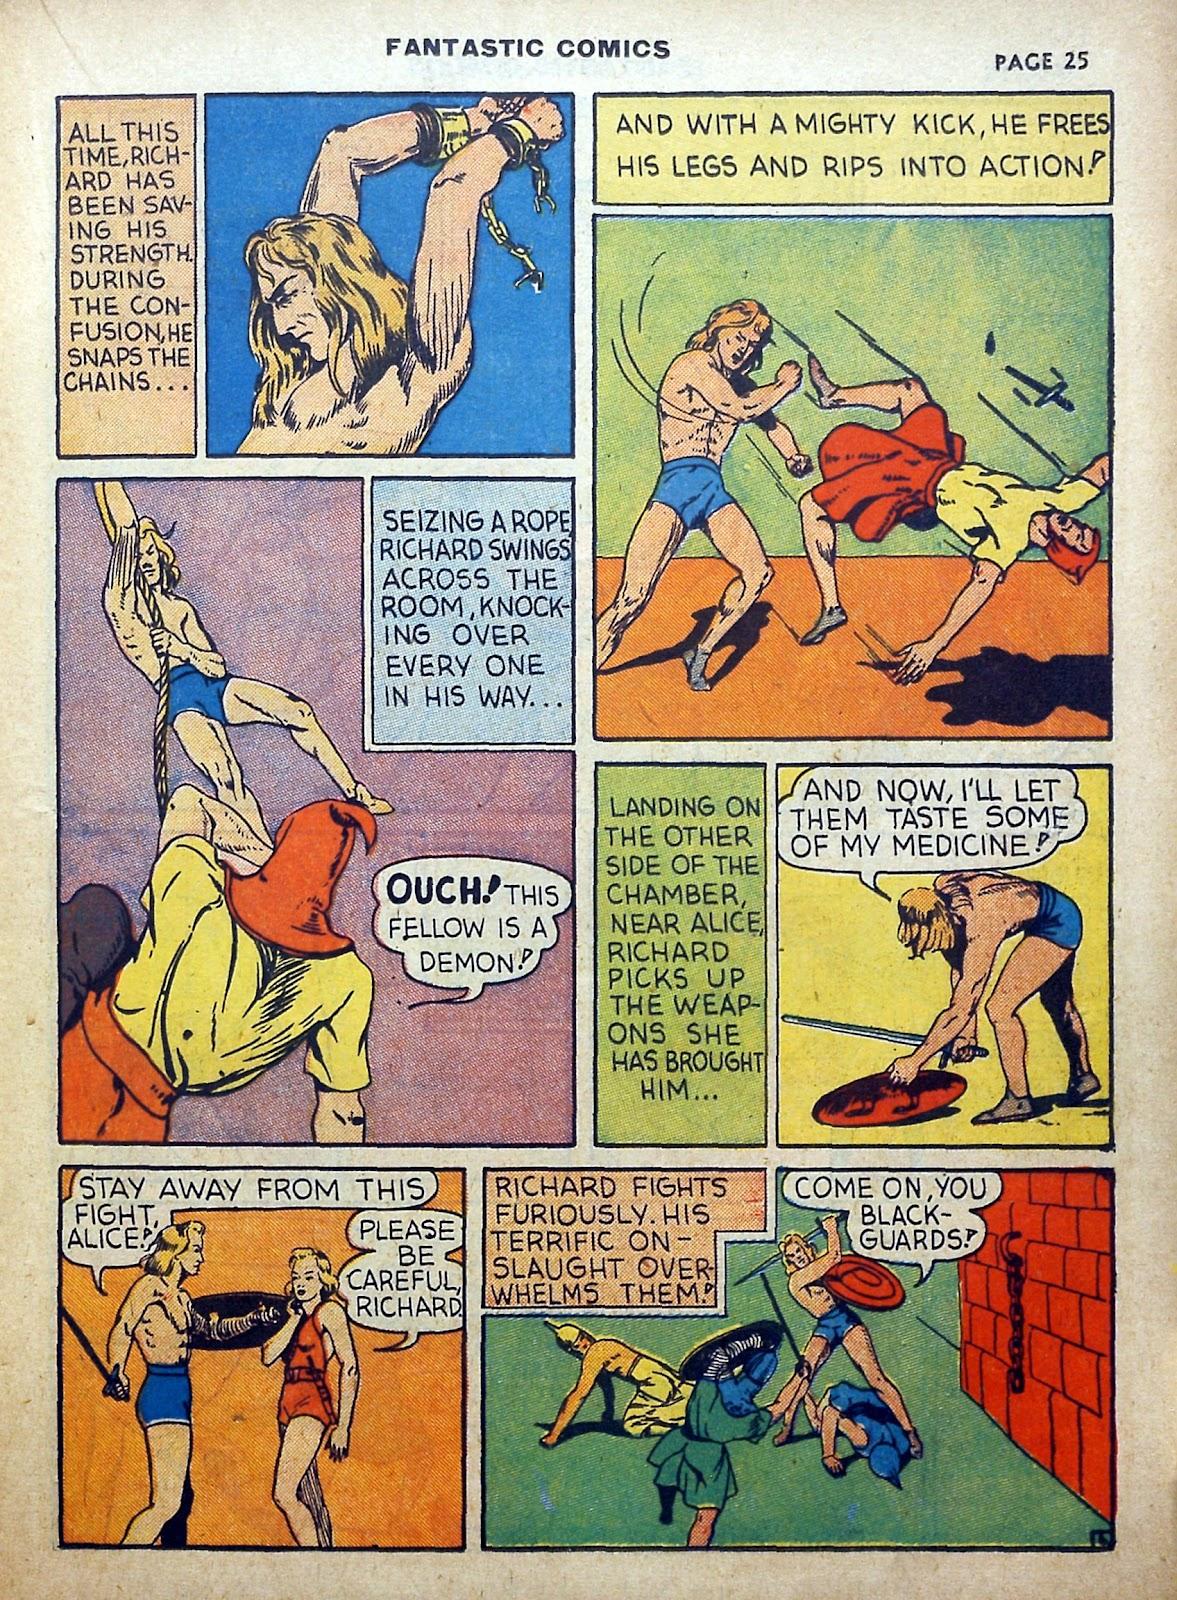 Read online Fantastic Comics comic -  Issue #5 - 26